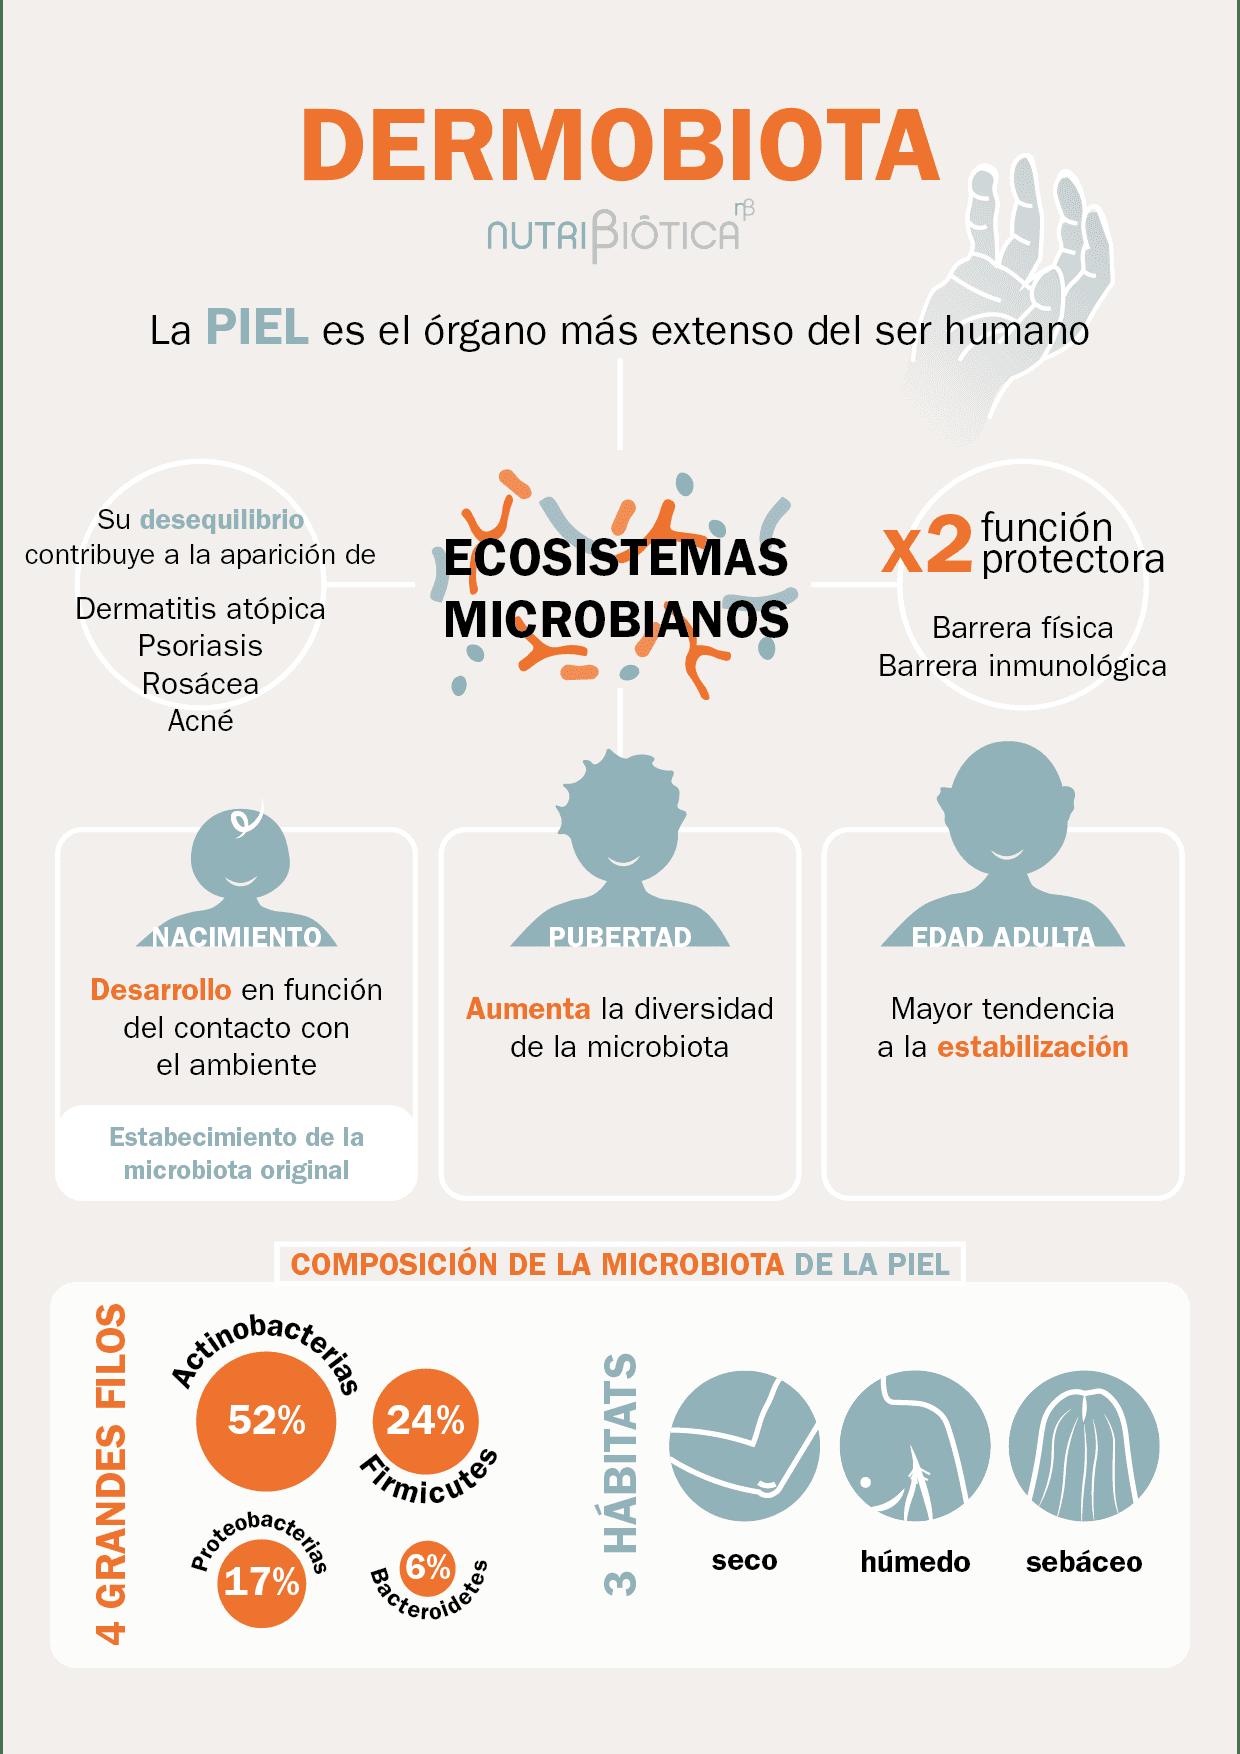 infografia dermobiota